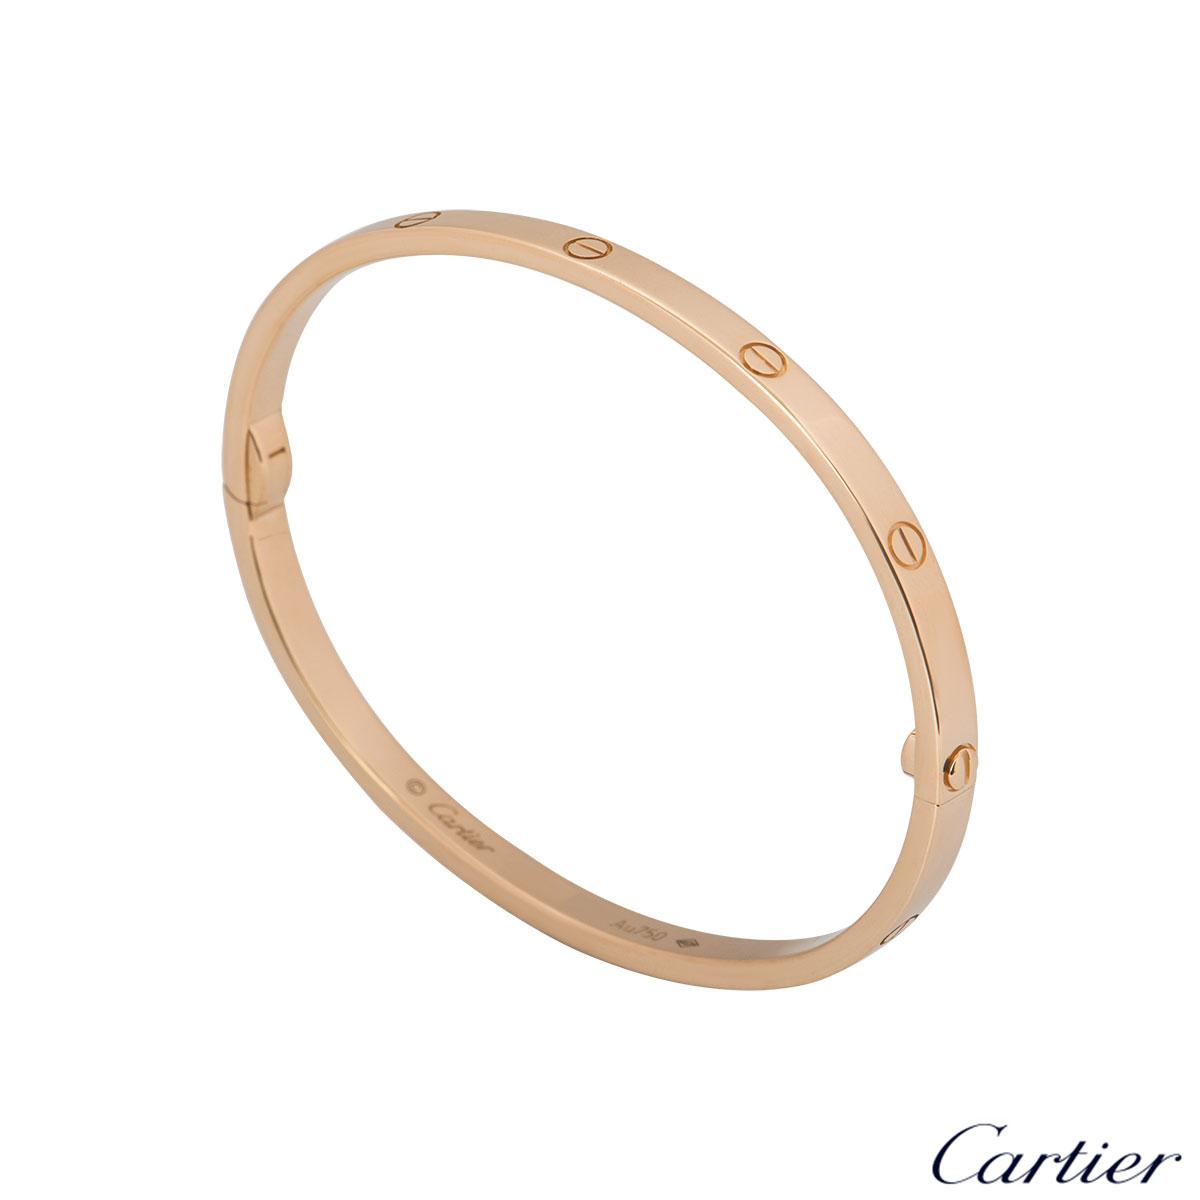 Cartier Rose Gold Plain Love Bracelet SM Size 16 B6047316